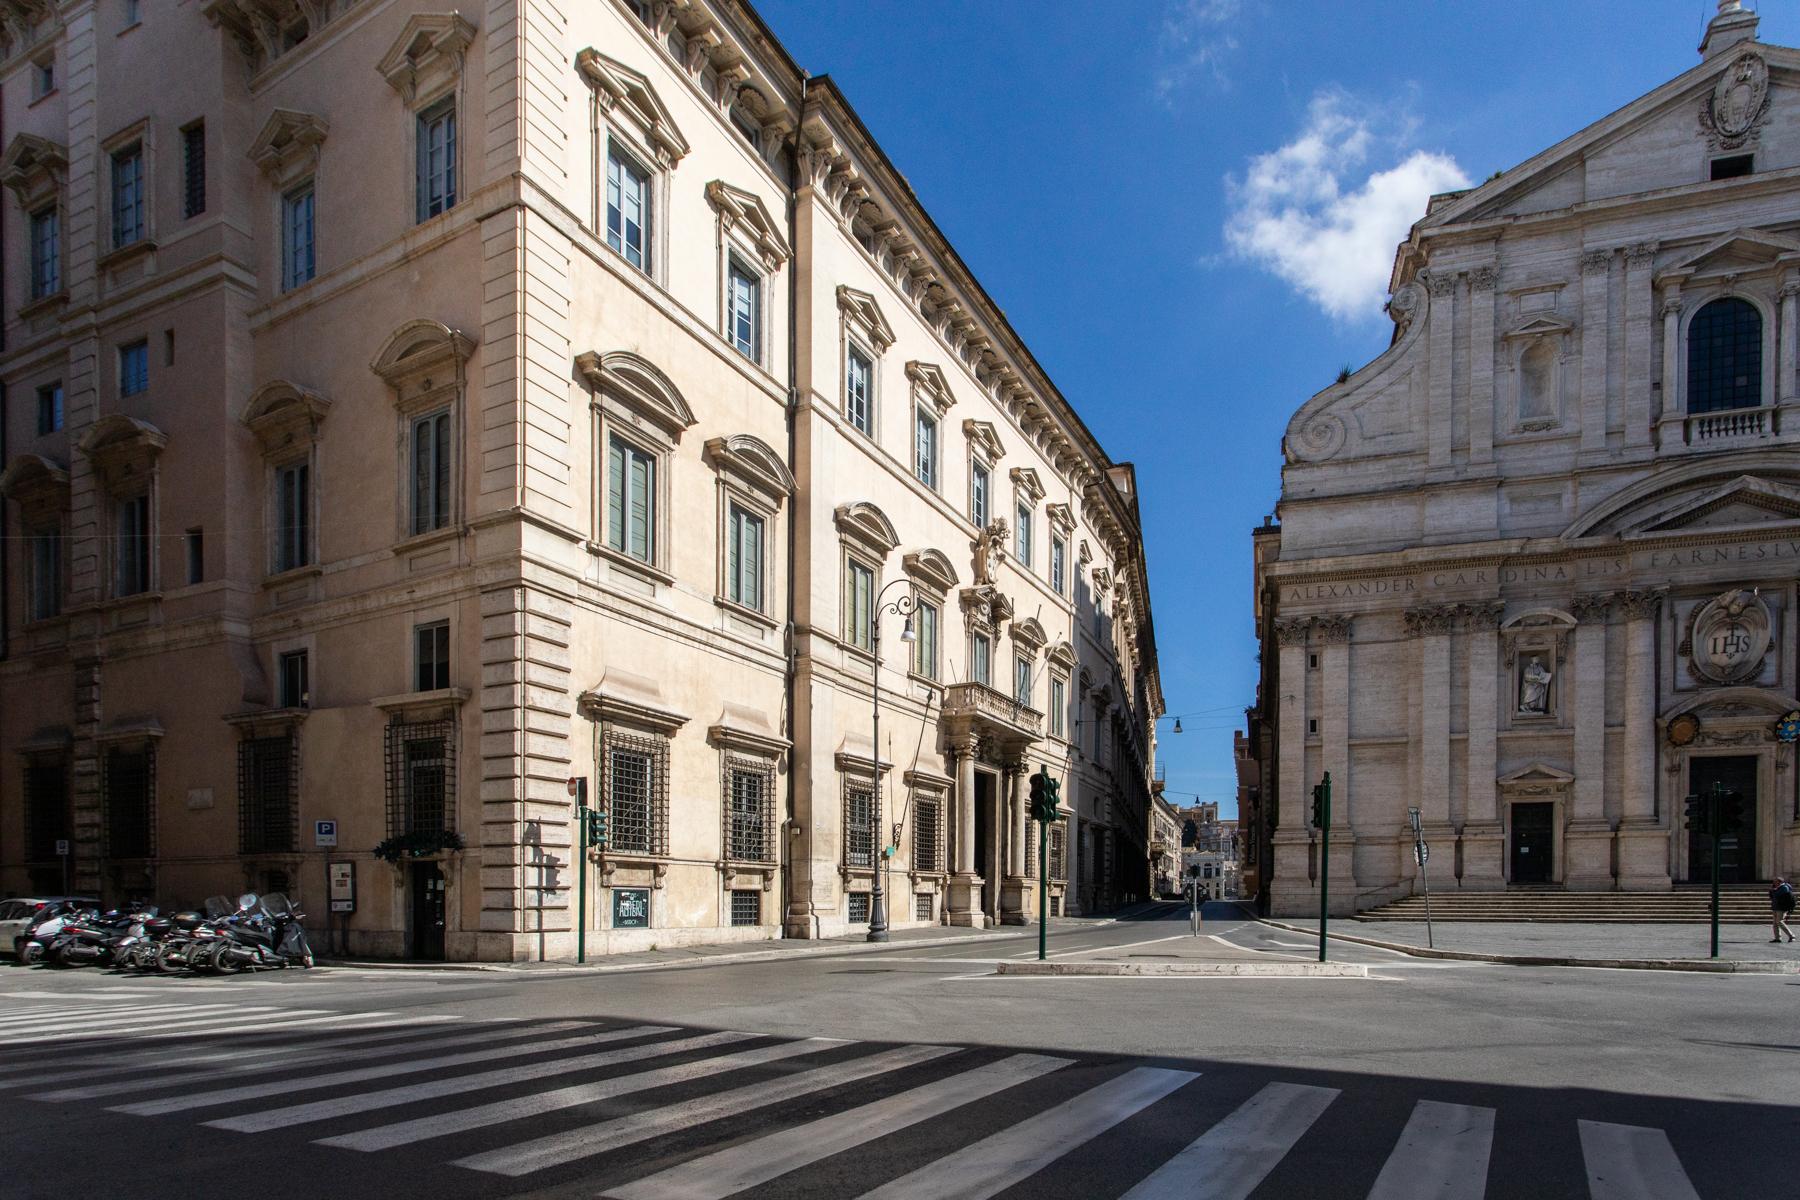 Attico in Affitto a Roma: 5 locali, 160 mq - Foto 24